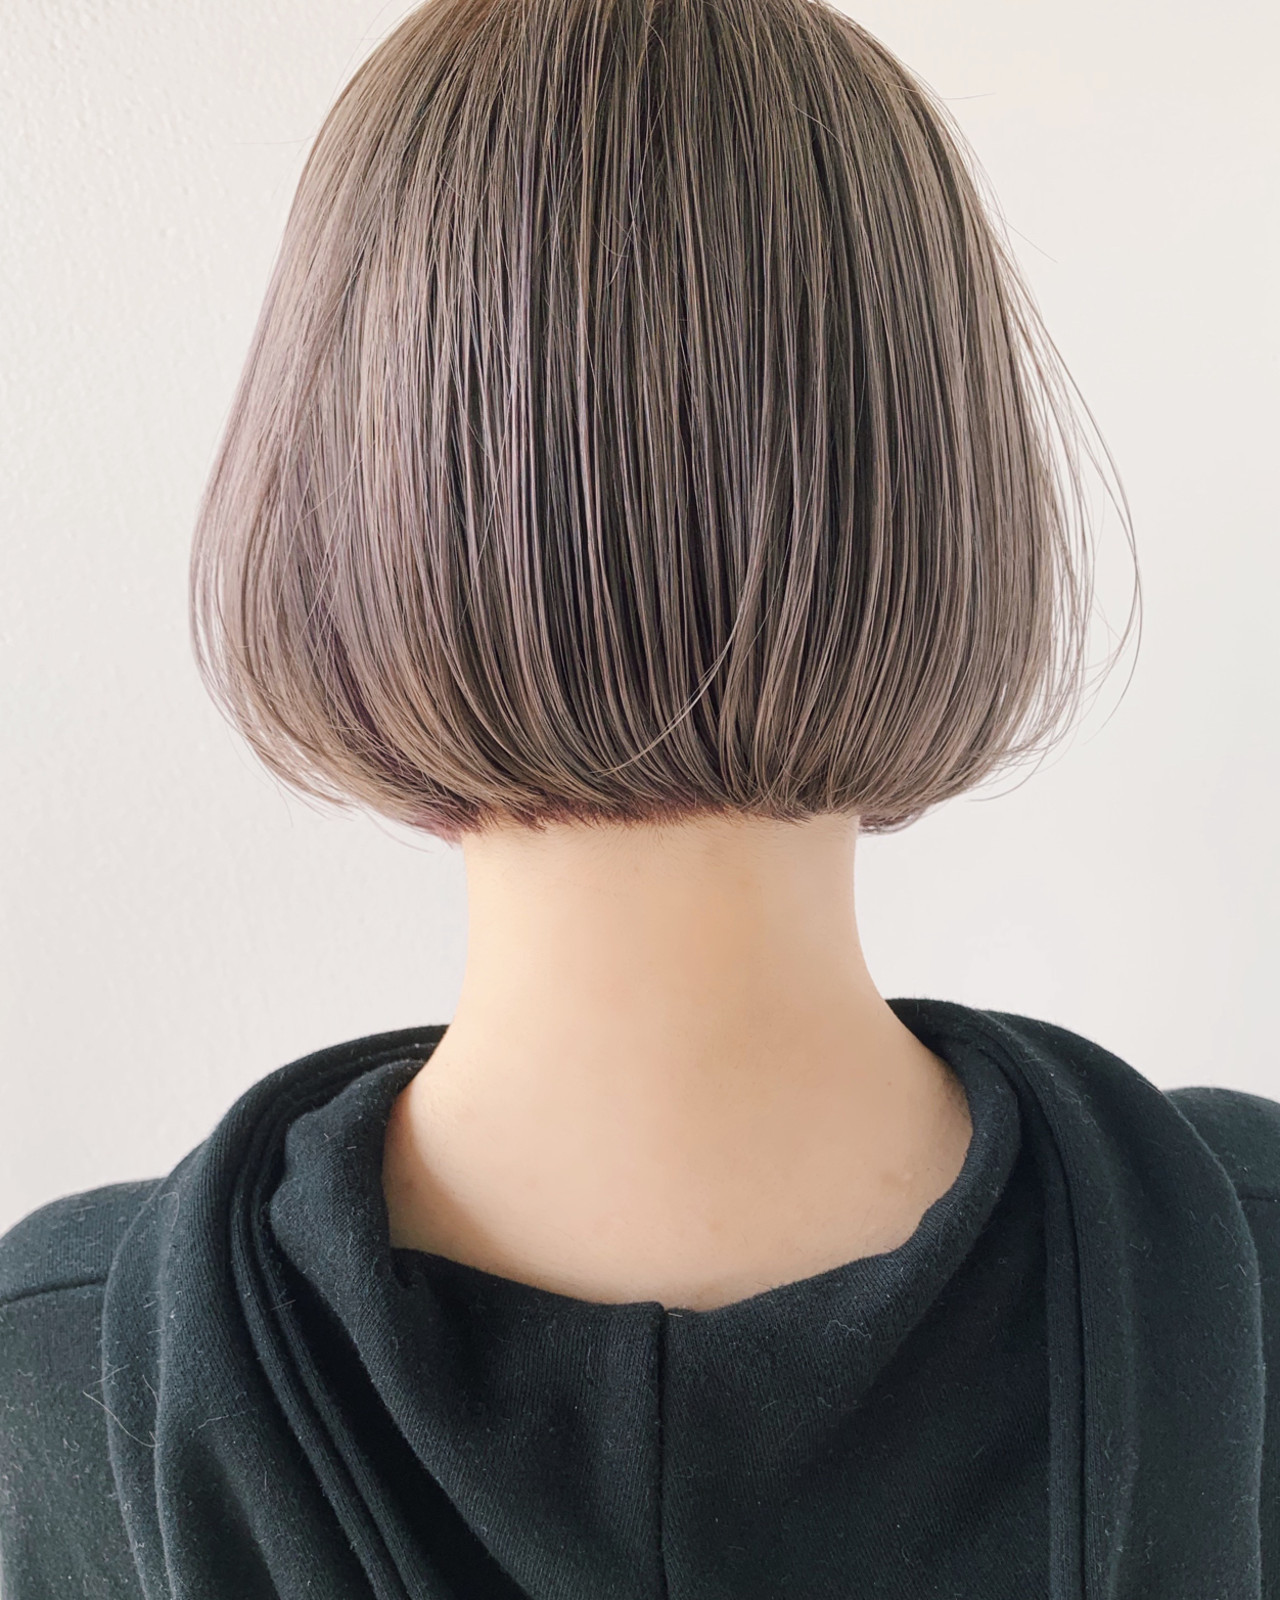 フェミニン ホワイトシルバー シルバーアッシュ 切りっぱなしボブ ヘアスタイルや髪型の写真・画像